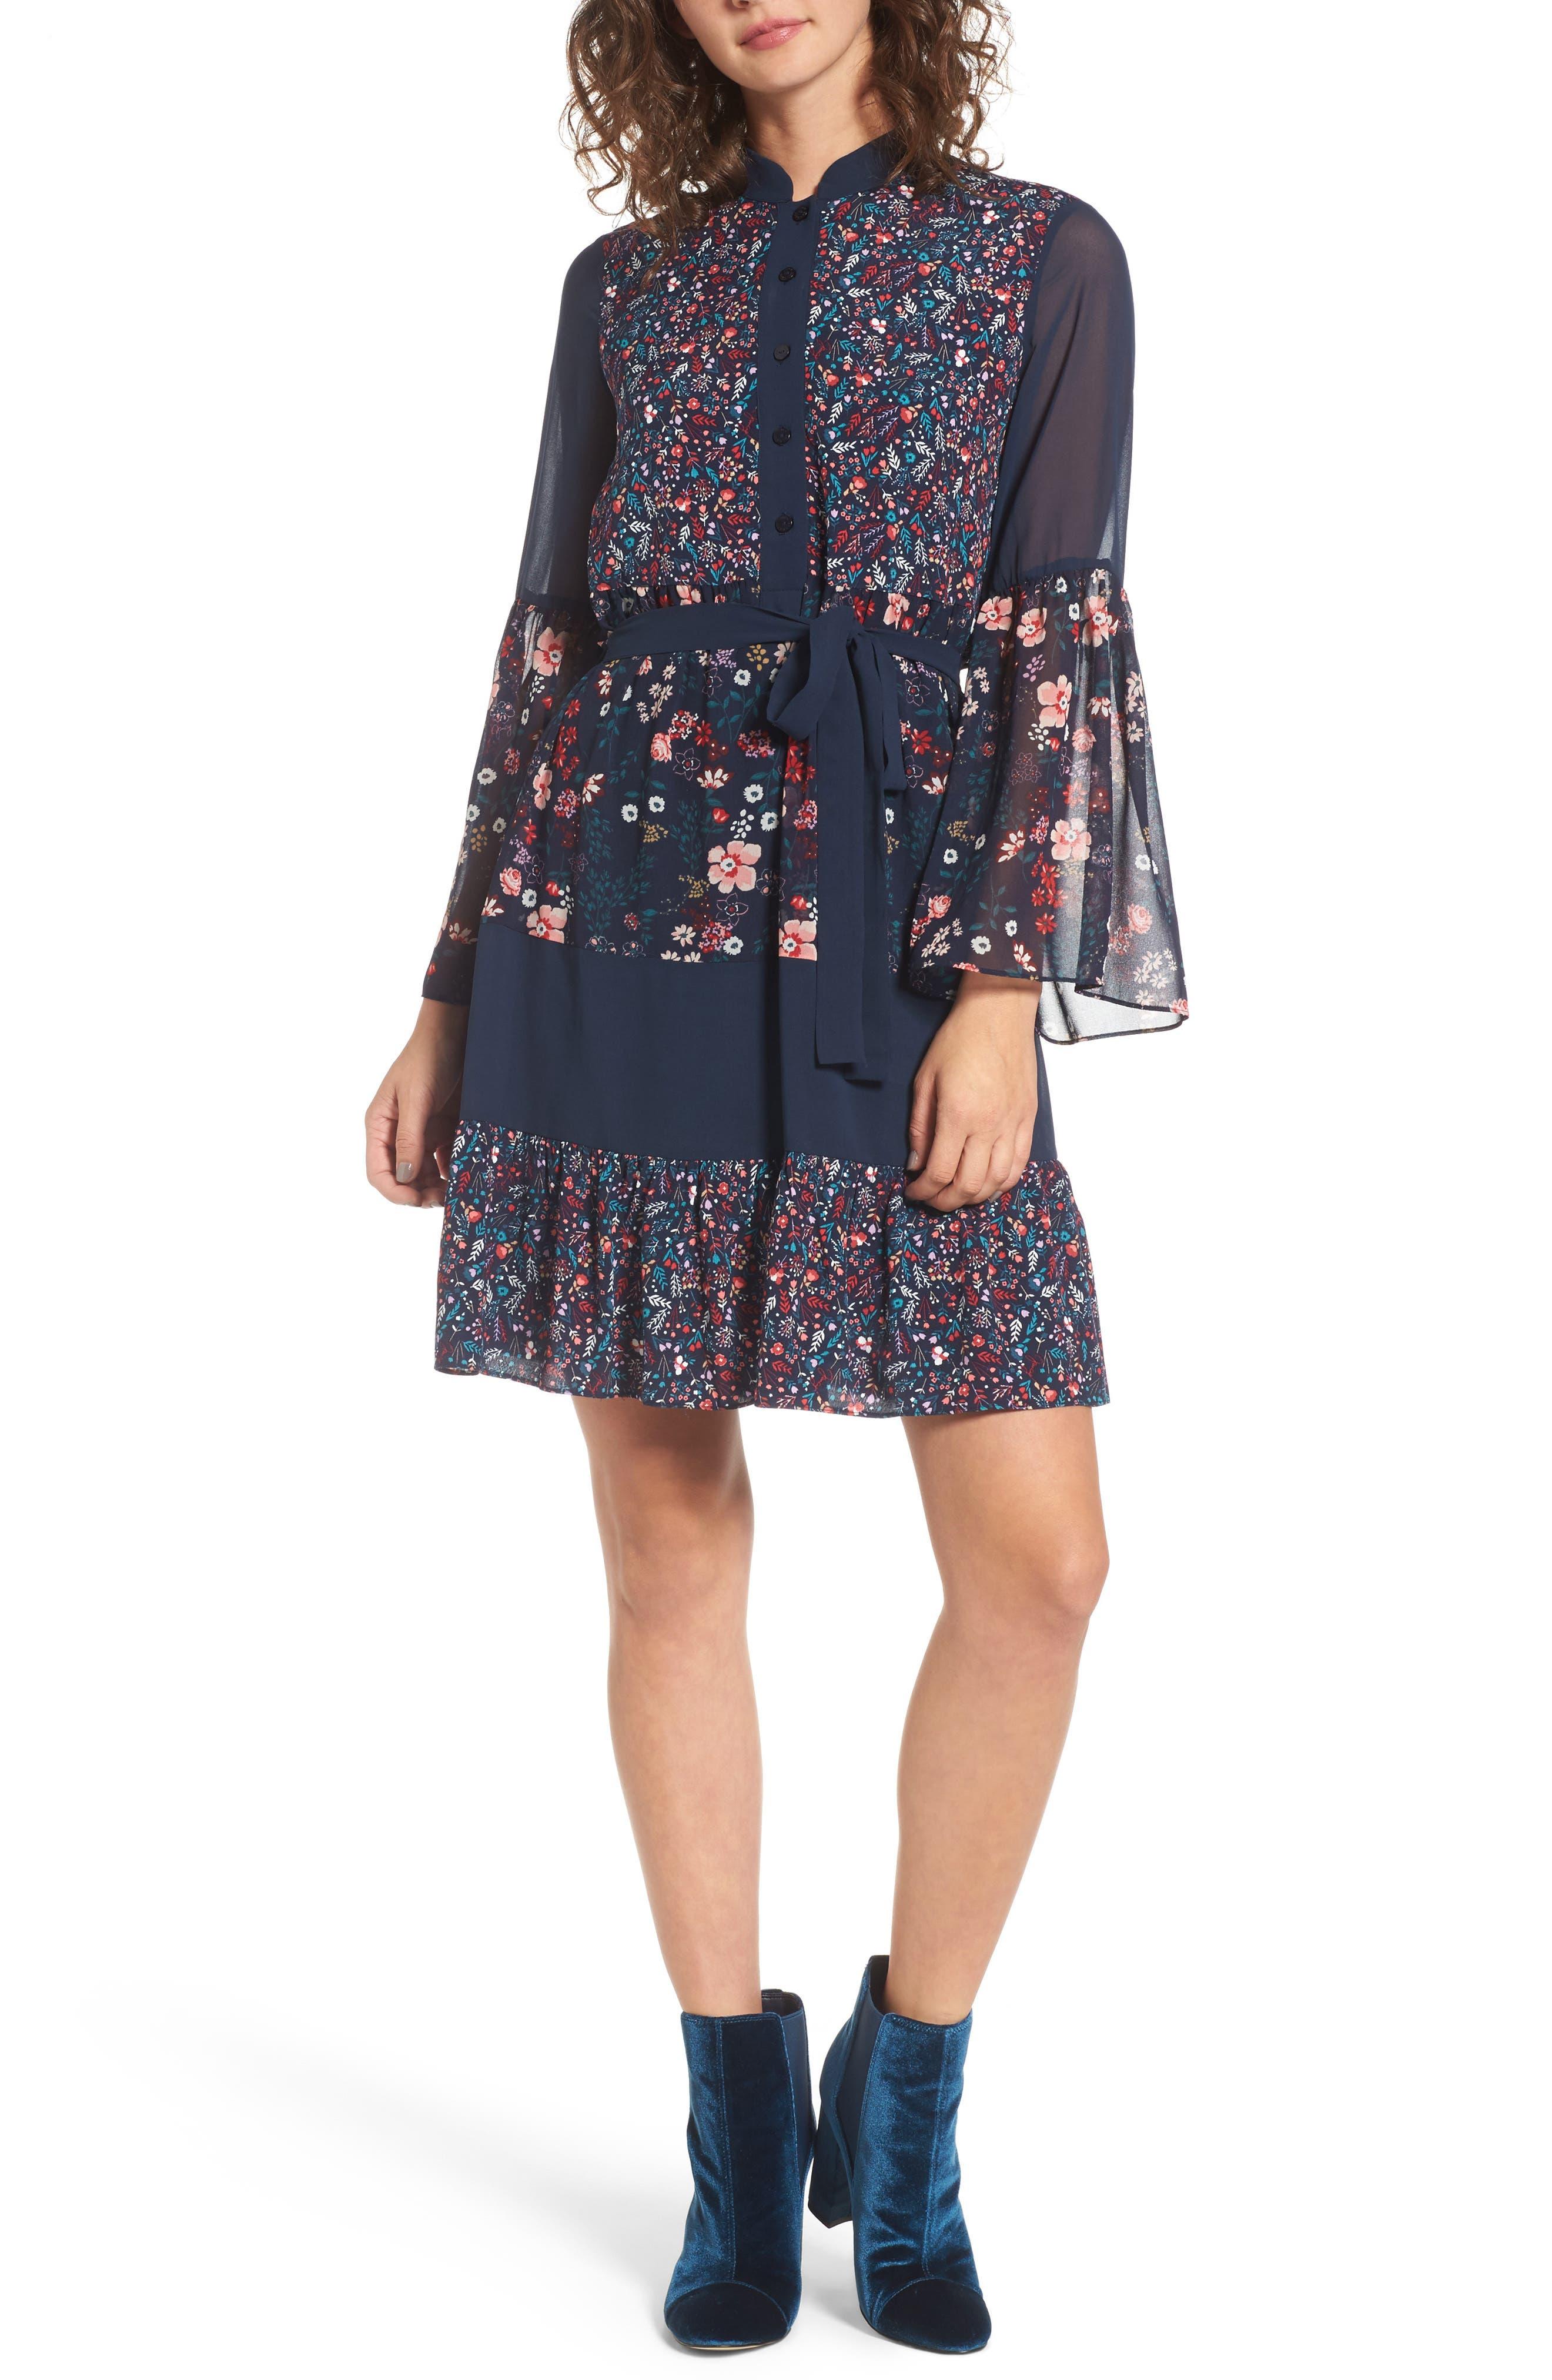 Caprice Floral Mix Shirtdress,                             Main thumbnail 1, color,                             Regal Caprice